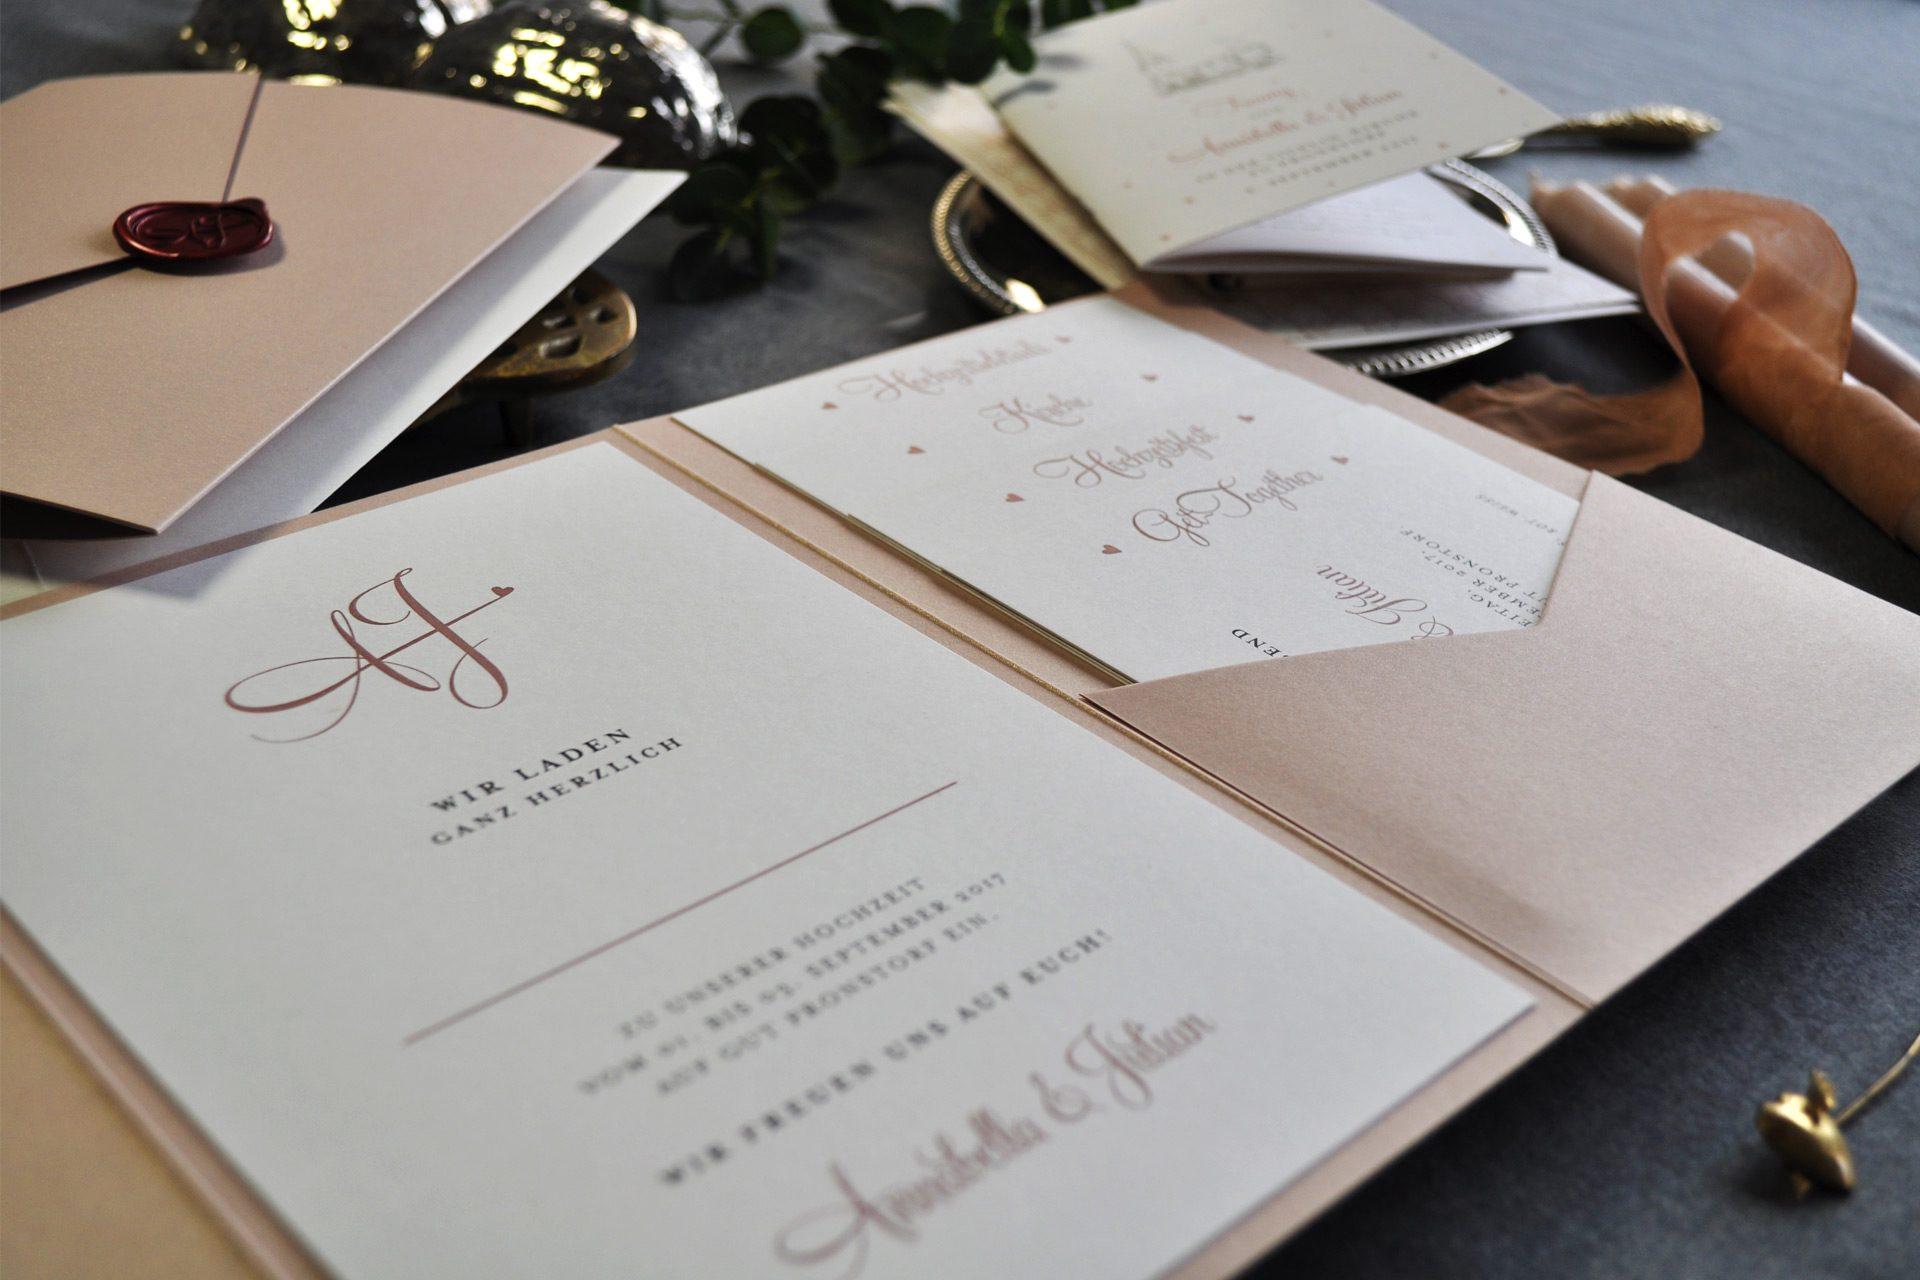 Monogramm Couture, edle Einladung im Pocketfold mit Wachs Siegel mit persönlichem Monogramm sowie Kirchenprogramm.